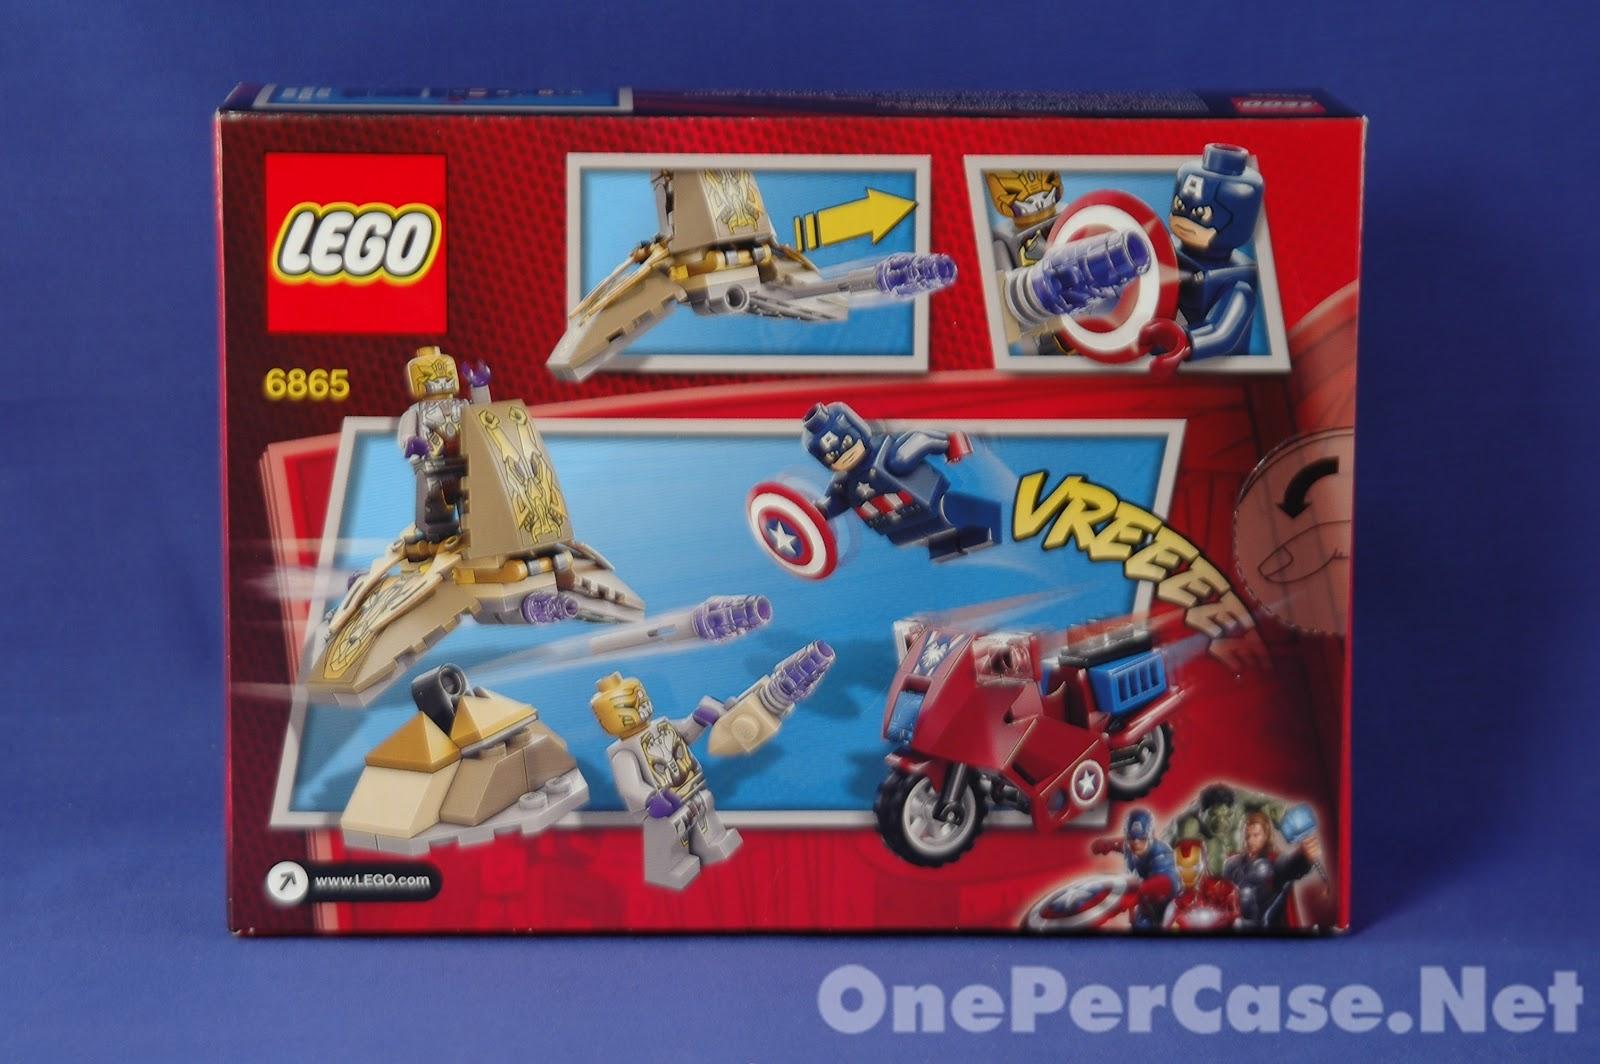 One Per Case: One Per Case Review: Lego set 6865 Captain ...